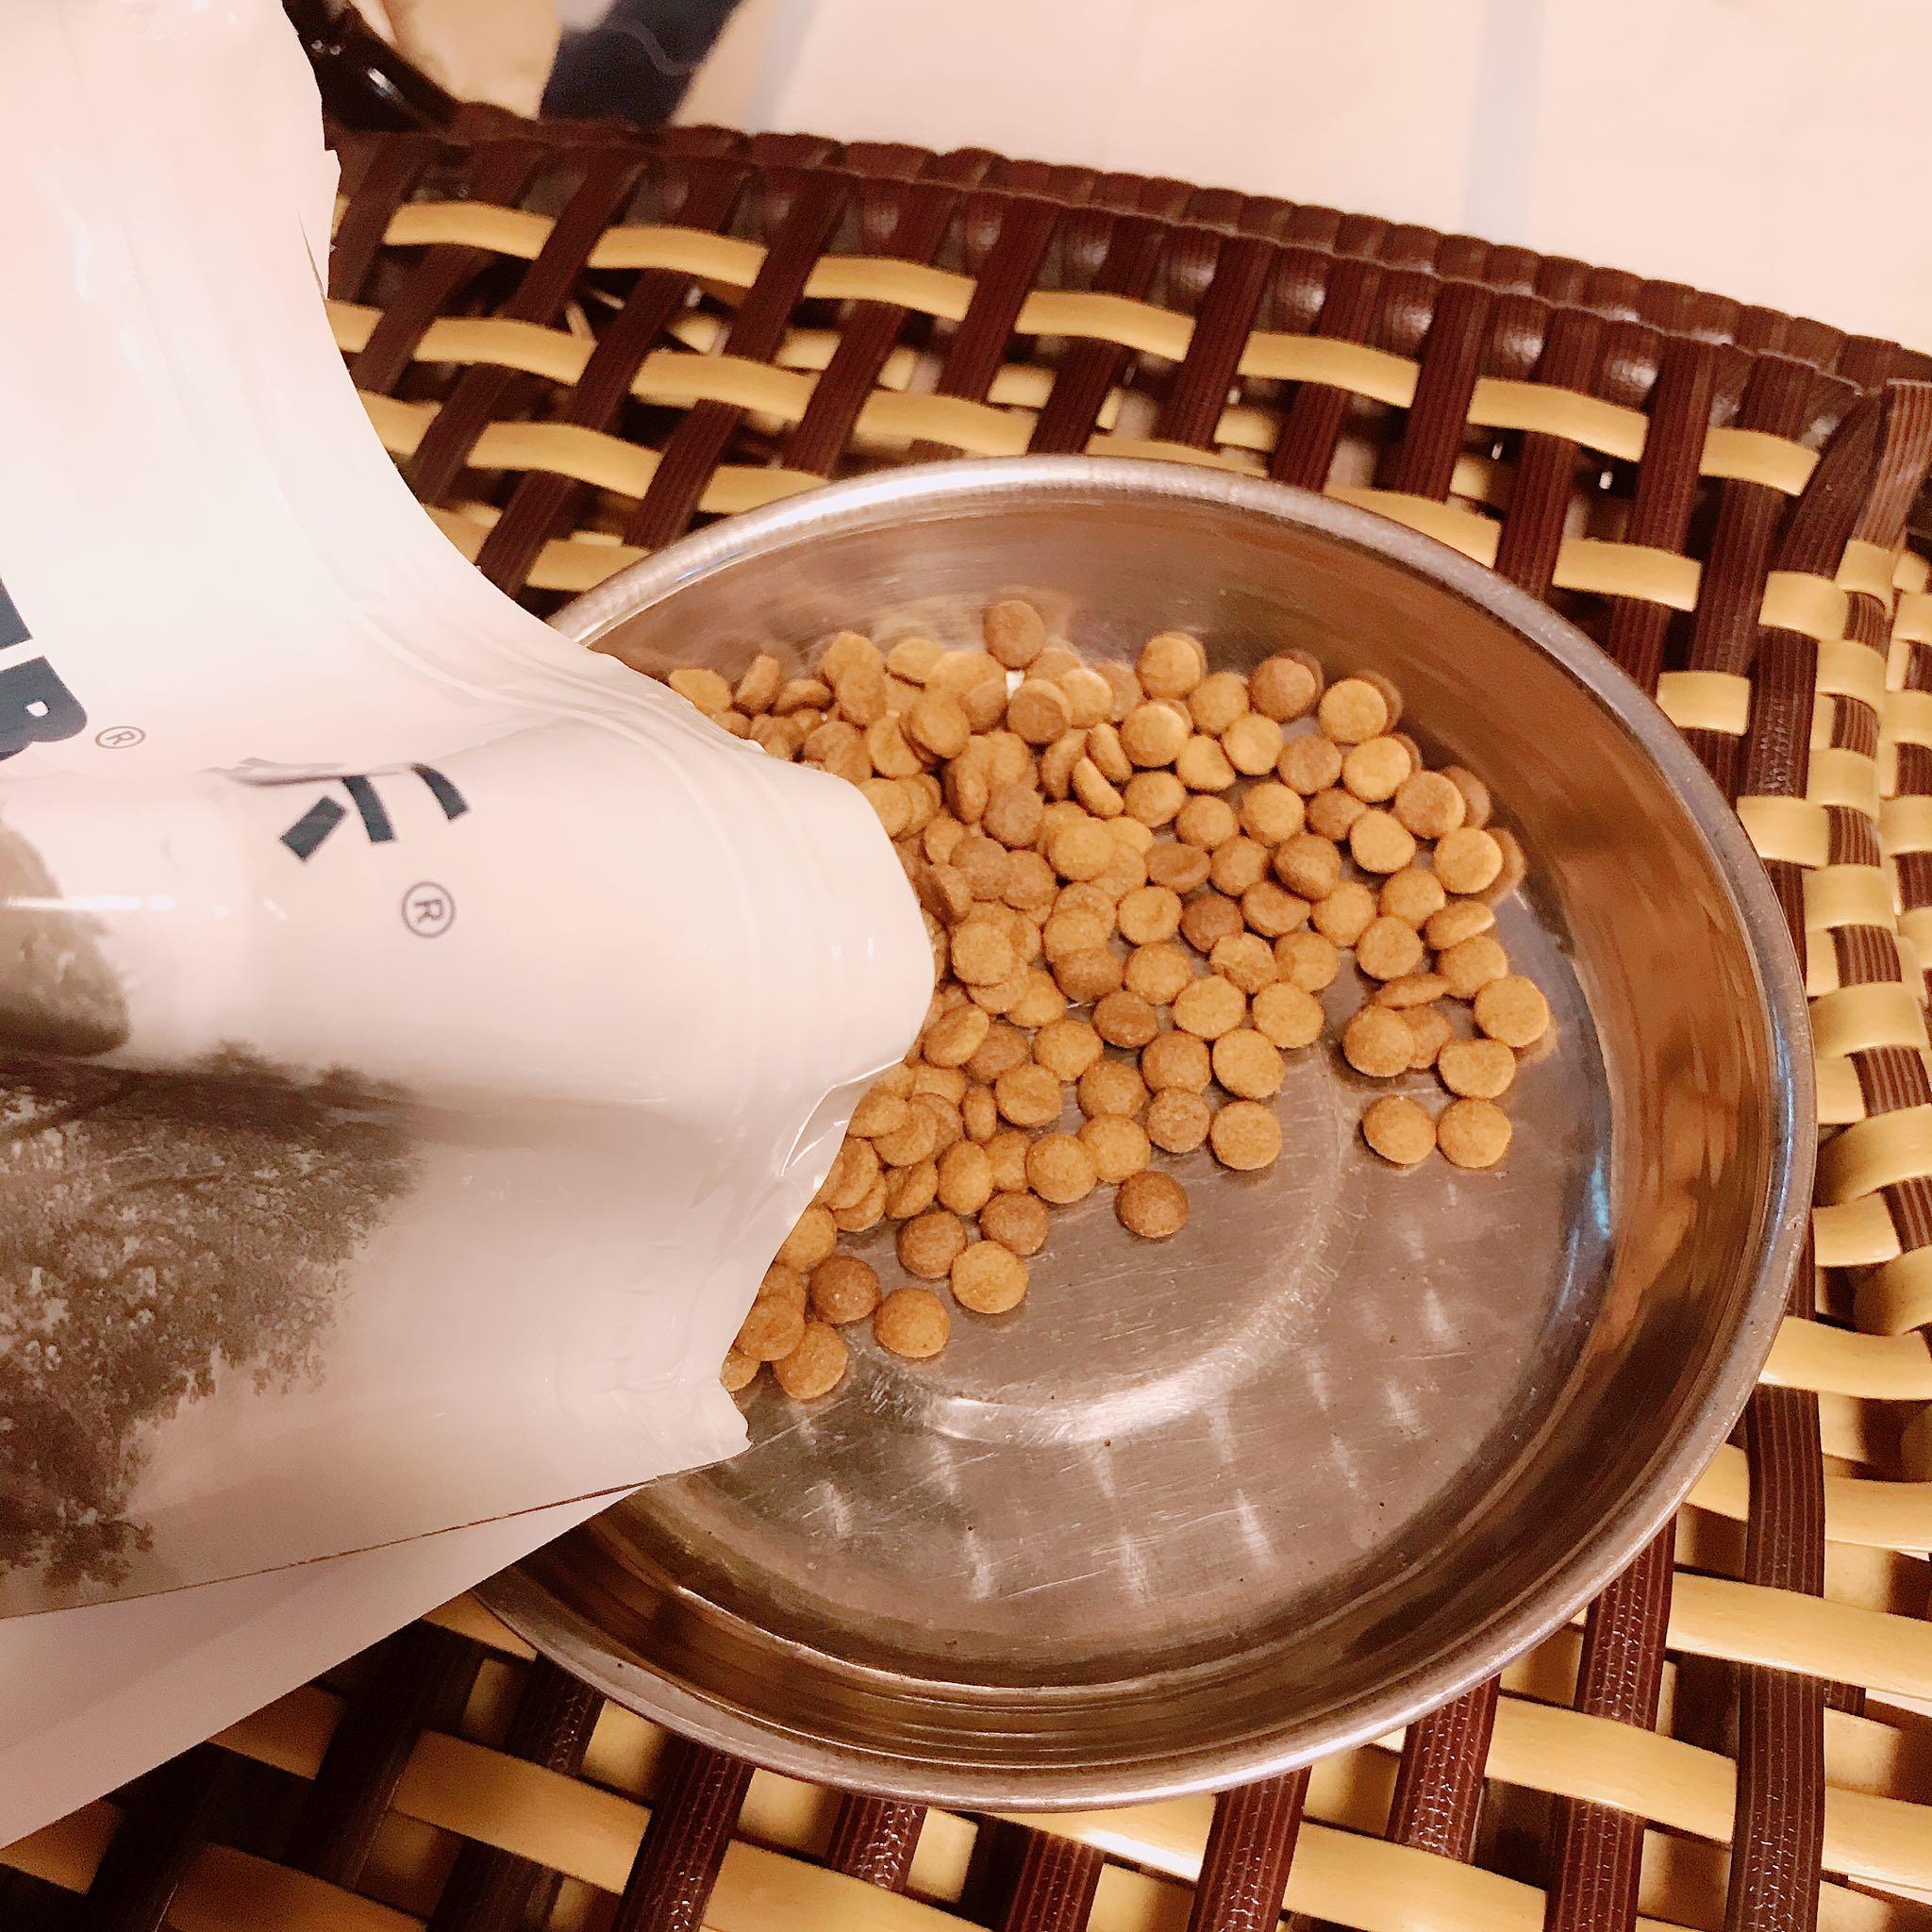 青岛产丹麦Aller爱乐品牌这款天然幼犬狗粮,我家狗崽子很喜欢吃